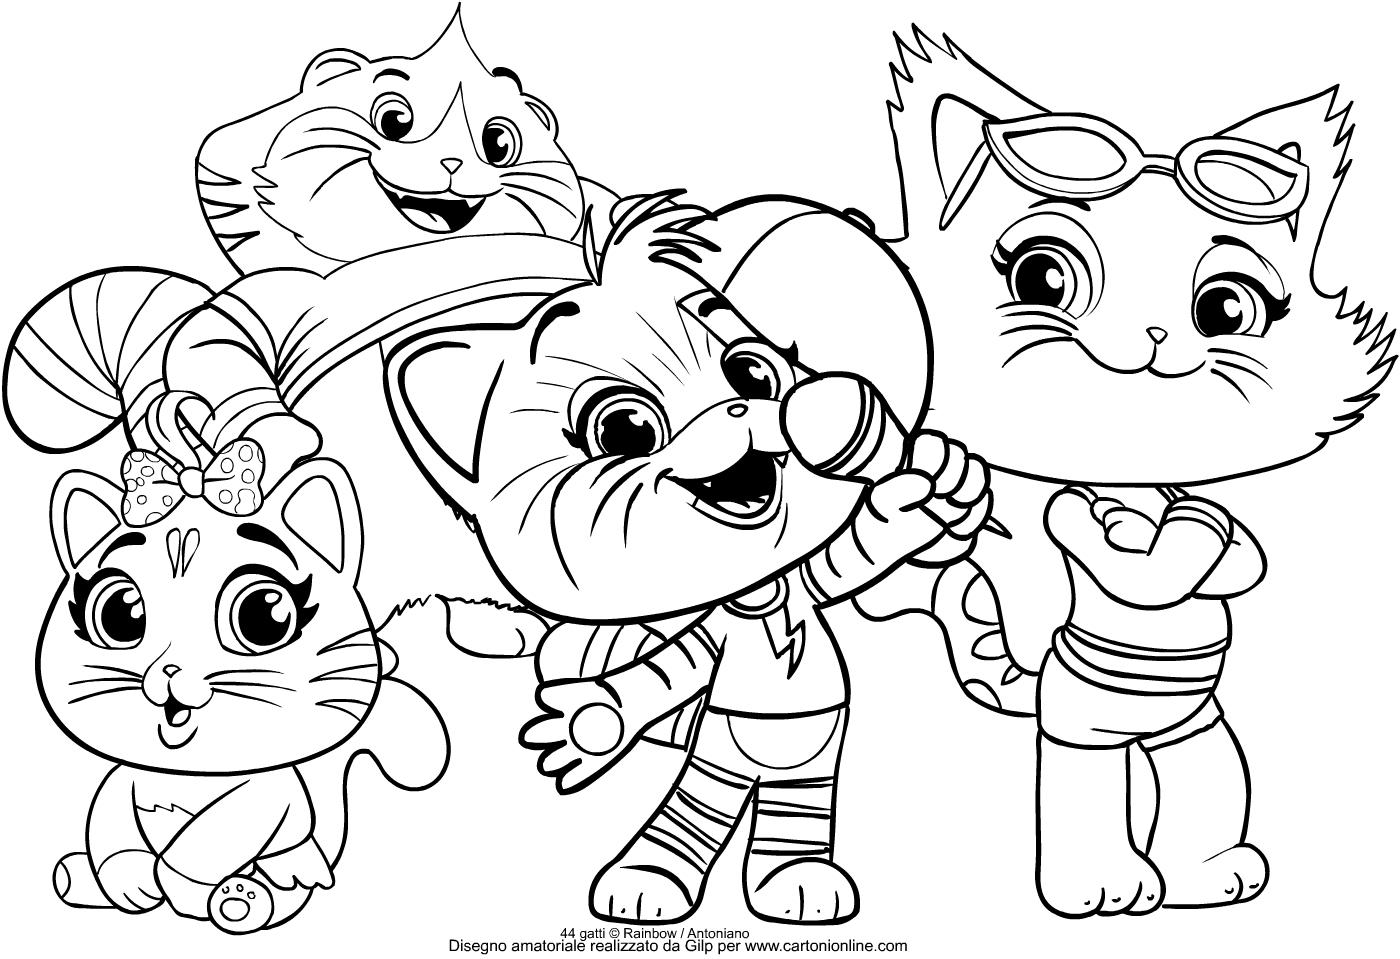 Disegno Del Gruppo Dei Buffycats Dei 44 Gatti Da Colorare